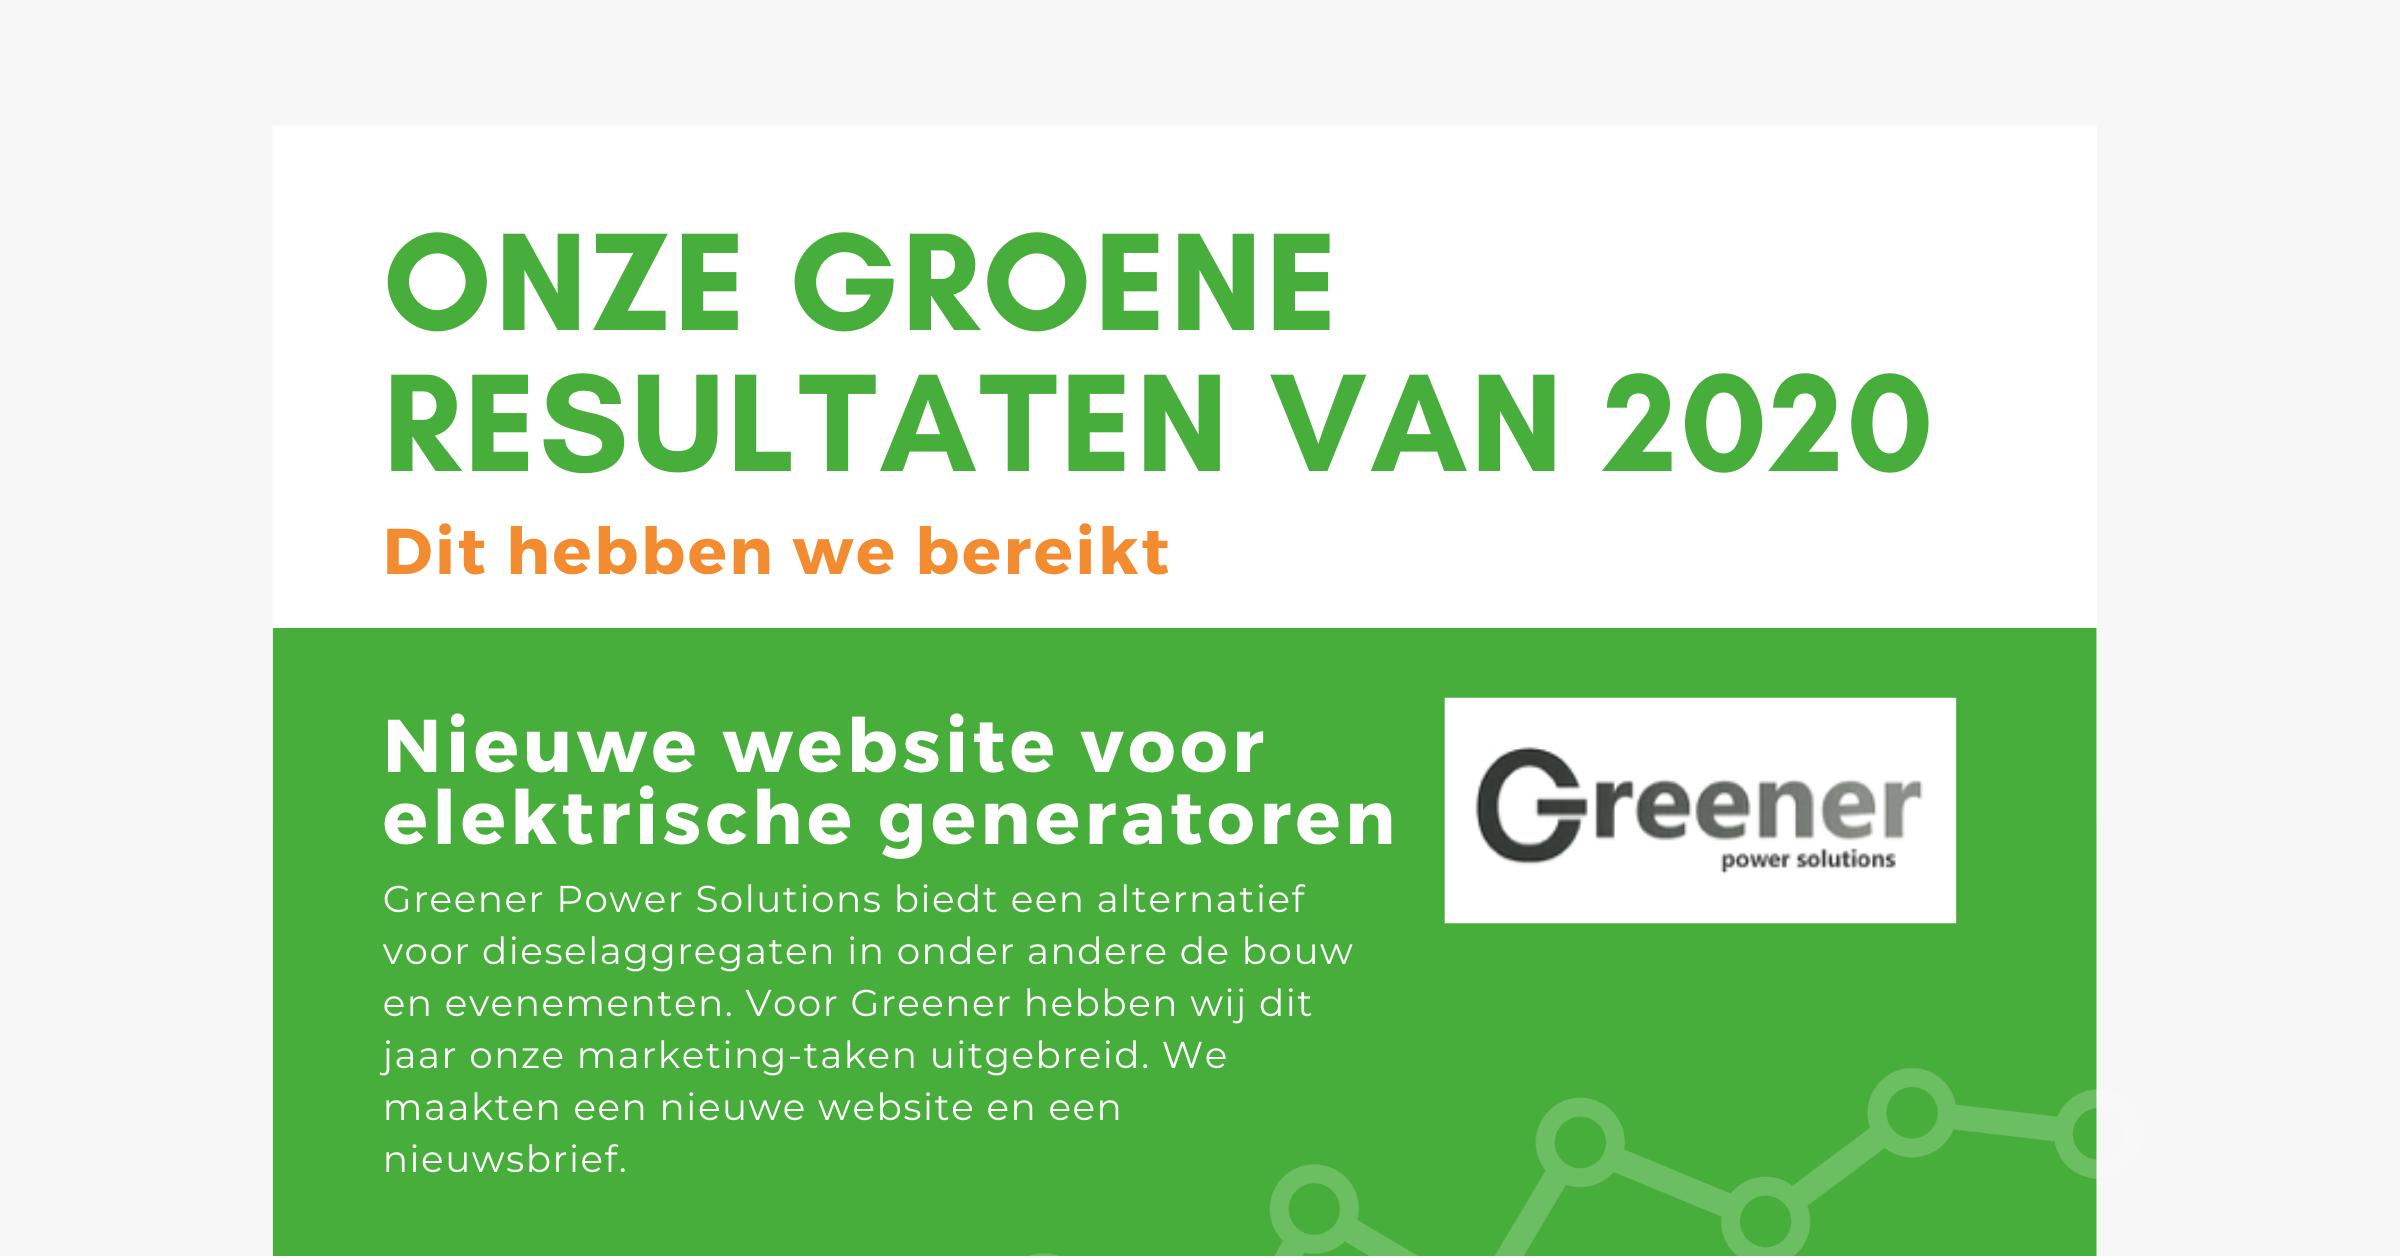 Onze groene resultaten van 2020